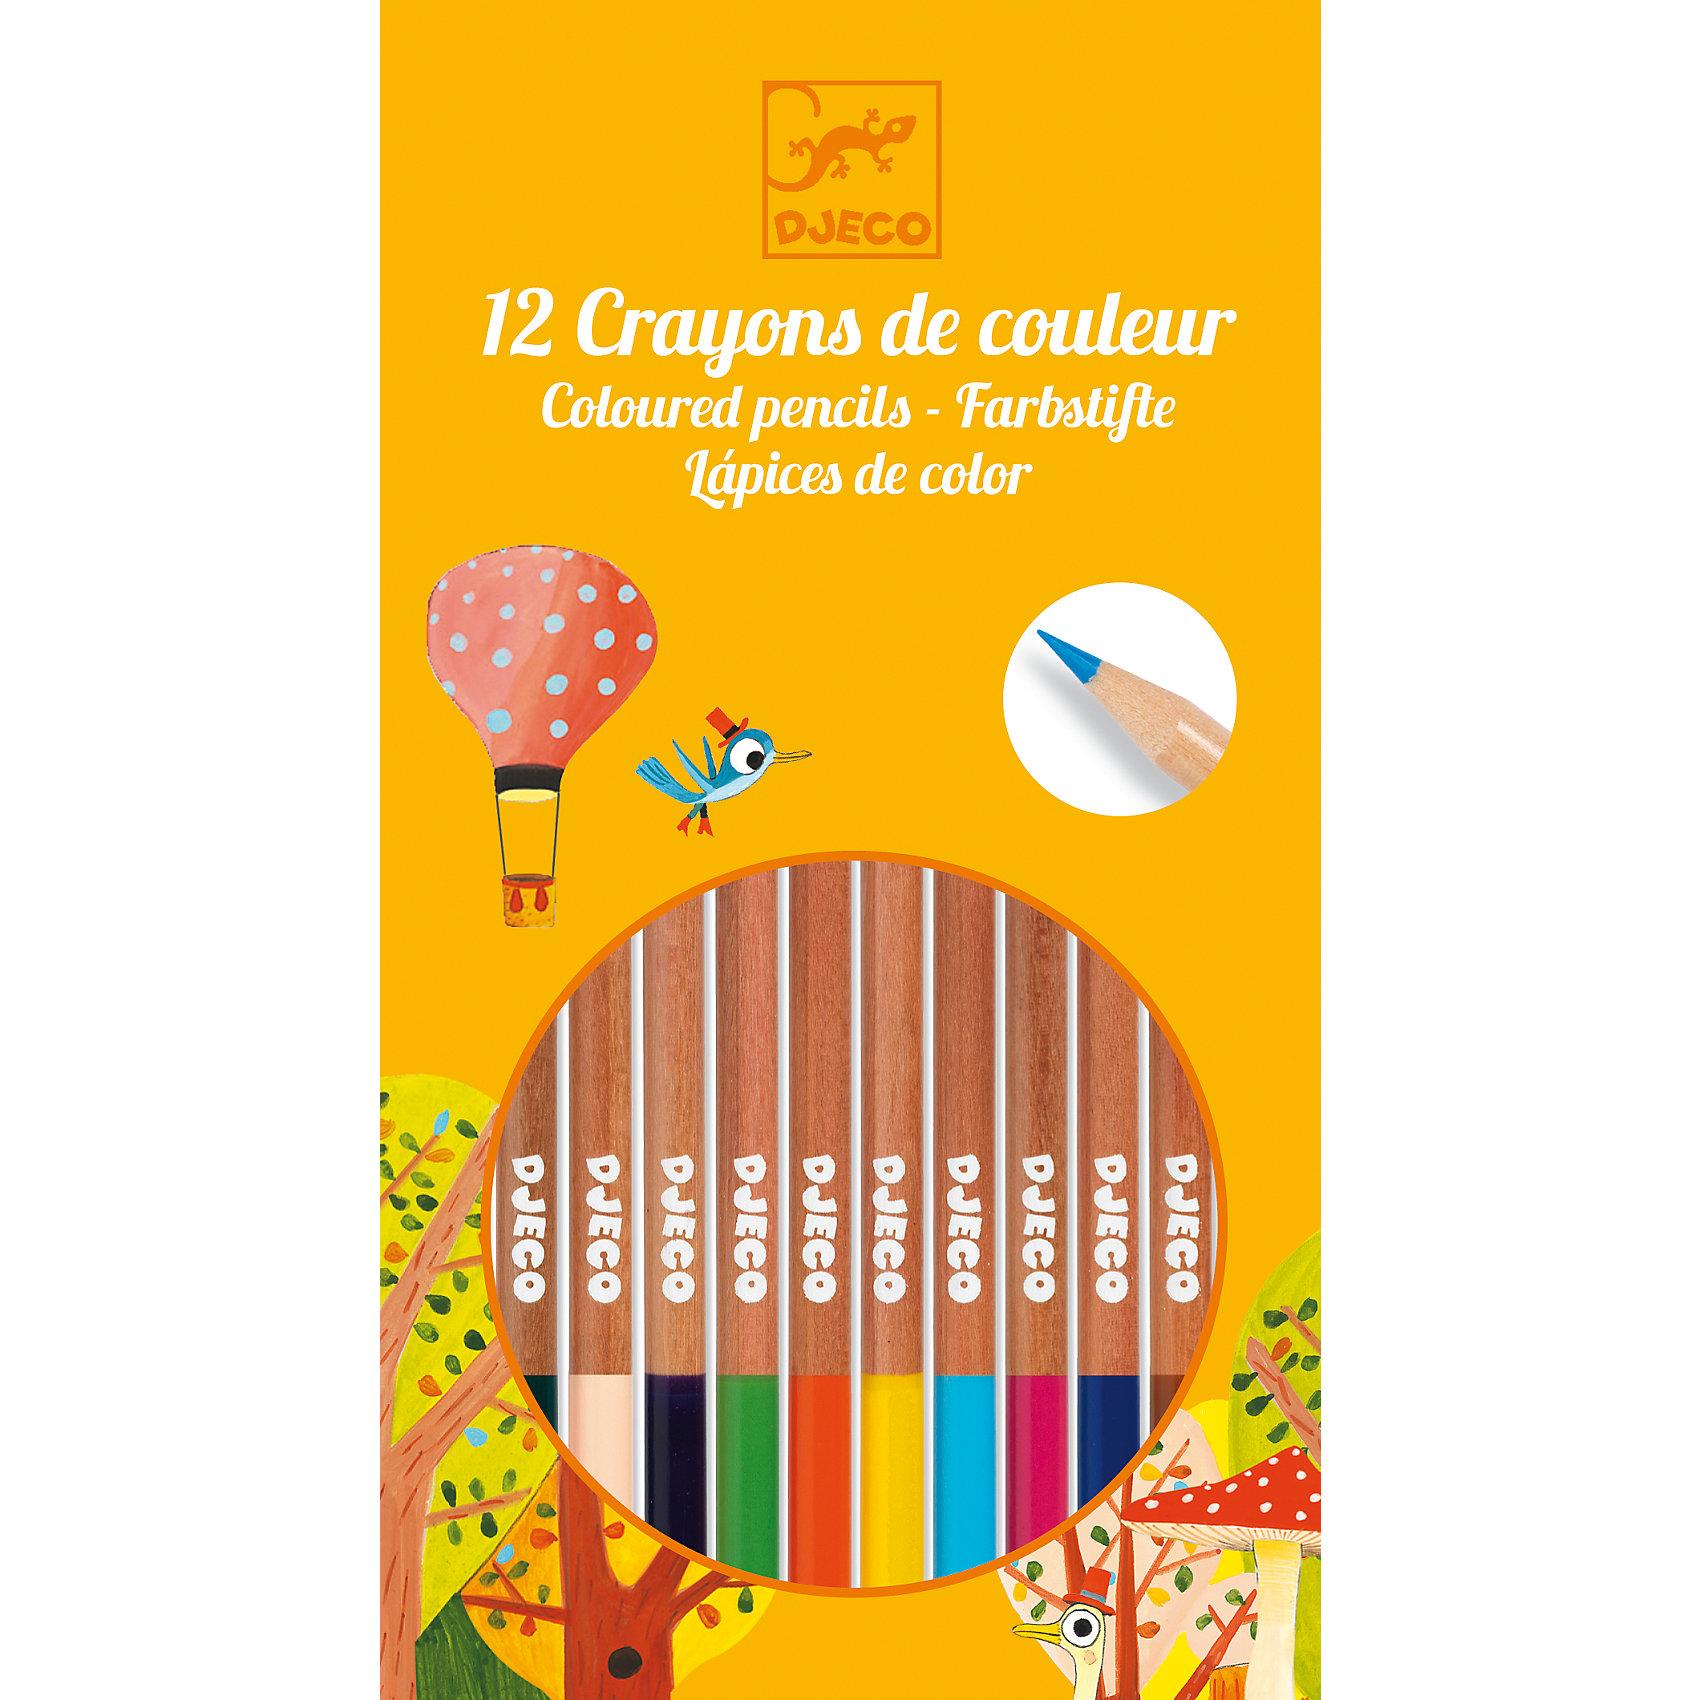 Набор из 12 карандашей, DJECOРисование<br>Характеристики набора из 12 карандашей:<br><br>• возраст: от 3 лет<br>• пол: универсальный<br>• комплект: 12 карандашей.<br>• материал: дерево<br>• состав: пластик, краситель.<br>• размер упаковки: 10 х 18 х 1 см.<br>• упаковка: картонная коробка .<br>• бренд: Djeco<br>• страна обладатель бренда: Франция.<br><br>Набор цветных карандашей от французского производителя Djeco (Джеко) непременно понравится каждому творческому ребенку! В наборе он обнаружит 12 ярких карандашей удобной формы. Красивые цвета и великолепное европейское качество приведут в восторг не только начинающих художников, но и опытных ценителей искусства. <br><br>Рисунки, созданные с помощью карандашей от Djeco, не выцветают и сохраняют насыщенность цвета в течение долгого времени. Карандаши совершенно безопасны для детей и изготовлены из высококачественного дерева. Набор станет превосходным подарком для каждого ребенка, заинтересовавшегося процессом творчества. В процессе рисования у ребенка будет развиваться фантазия, воображение и творческие способности. <br><br>Набор из 12 карандашей от торговой марки Djeco (Джеко) можно купить в нашем интернет-магазине.<br><br>Ширина мм: 100<br>Глубина мм: 18<br>Высота мм: 10<br>Вес г: 300<br>Возраст от месяцев: 48<br>Возраст до месяцев: 2147483647<br>Пол: Унисекс<br>Возраст: Детский<br>SKU: 5448830